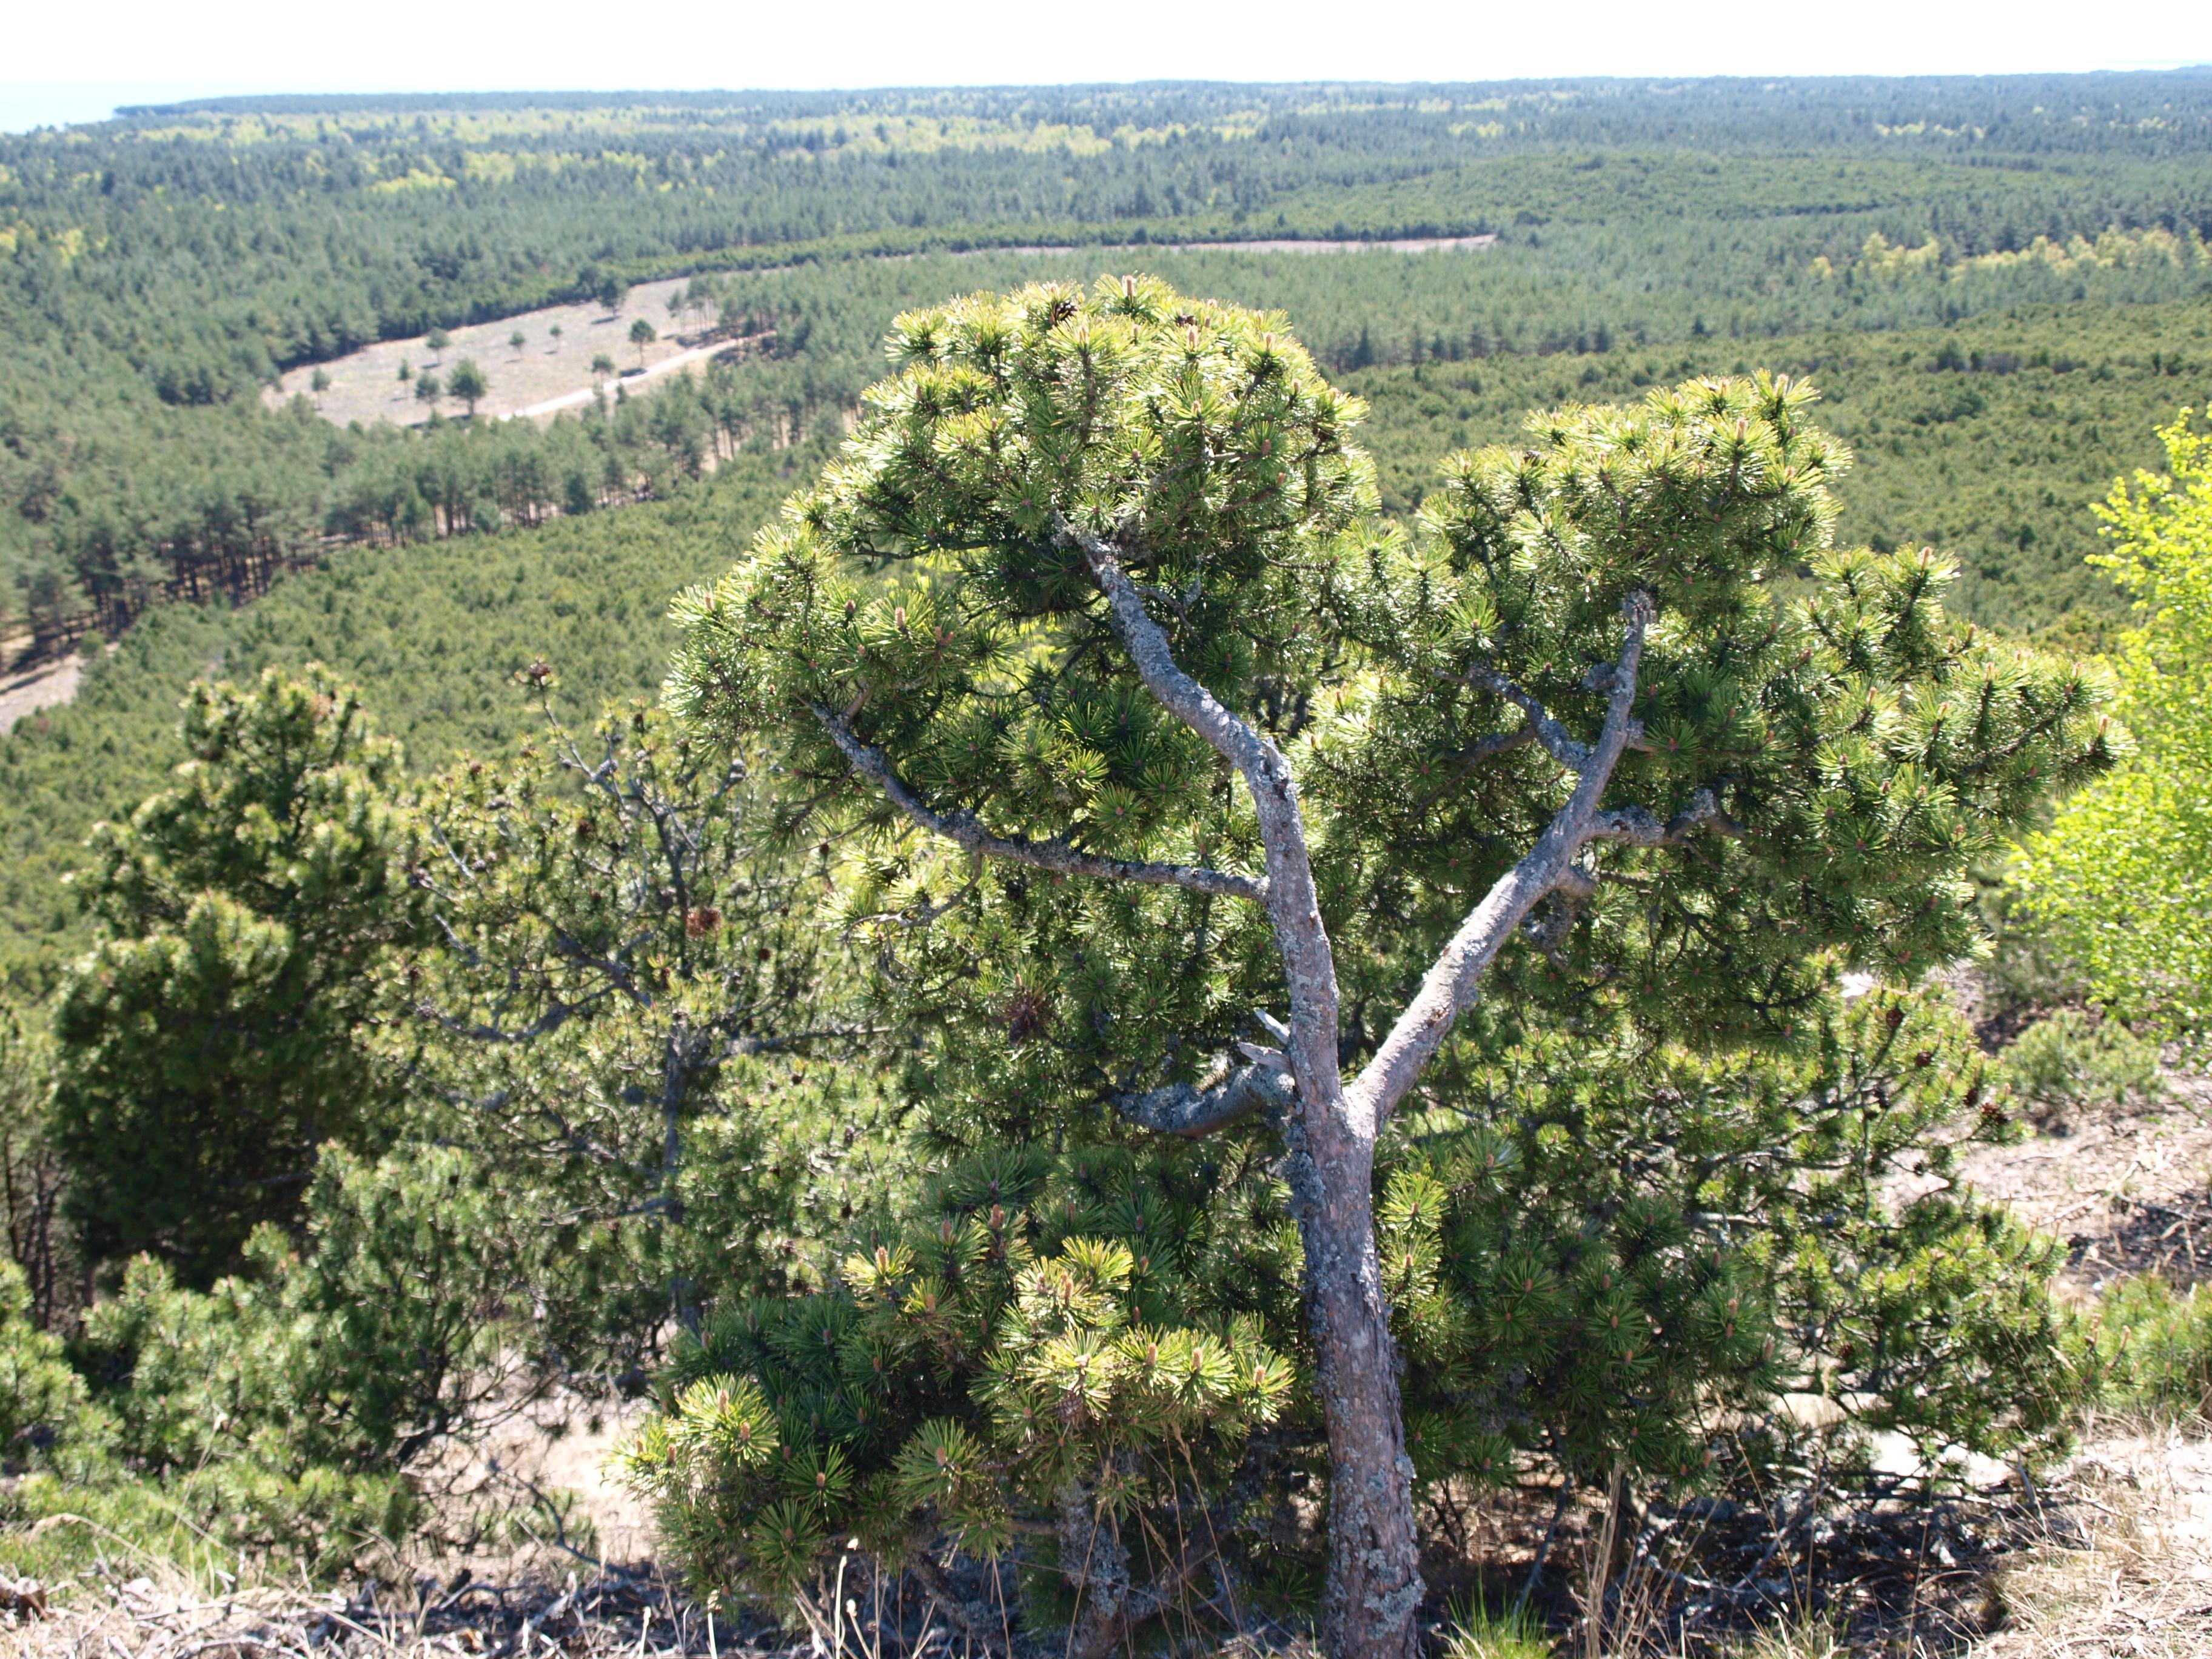 Baniene Vaizdas nuo auksciausios kopos